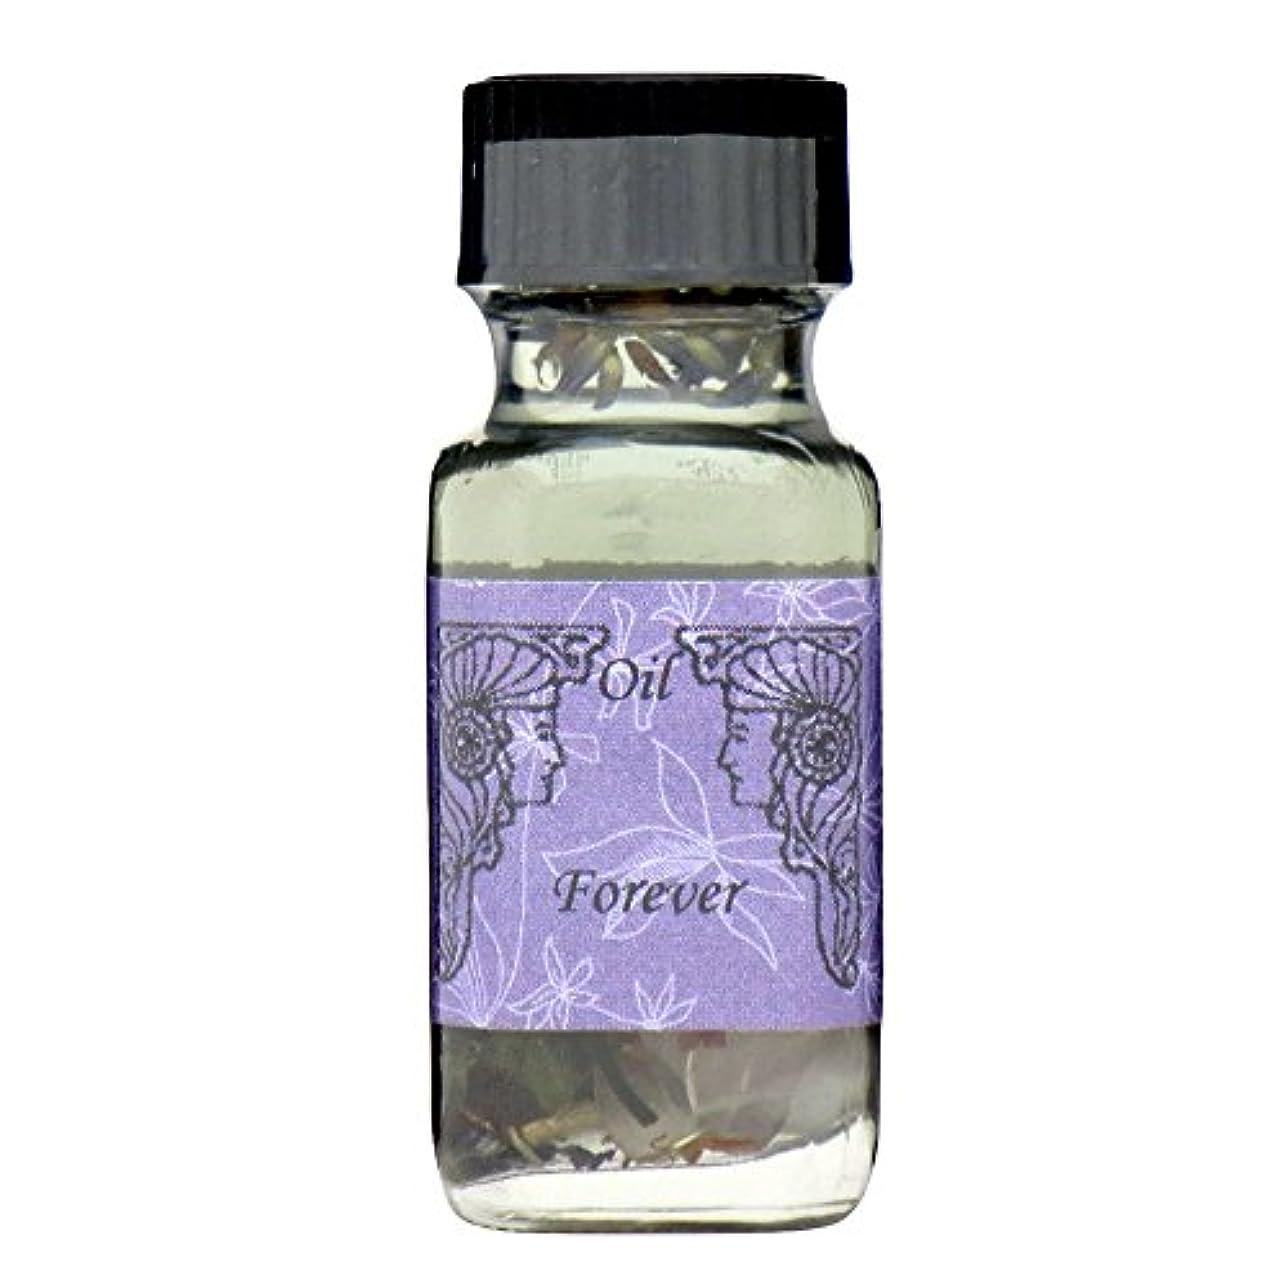 アンシェントメモリーオイル フォーエバー (永続的な関係) 15ml (Ancient Memory Oils)